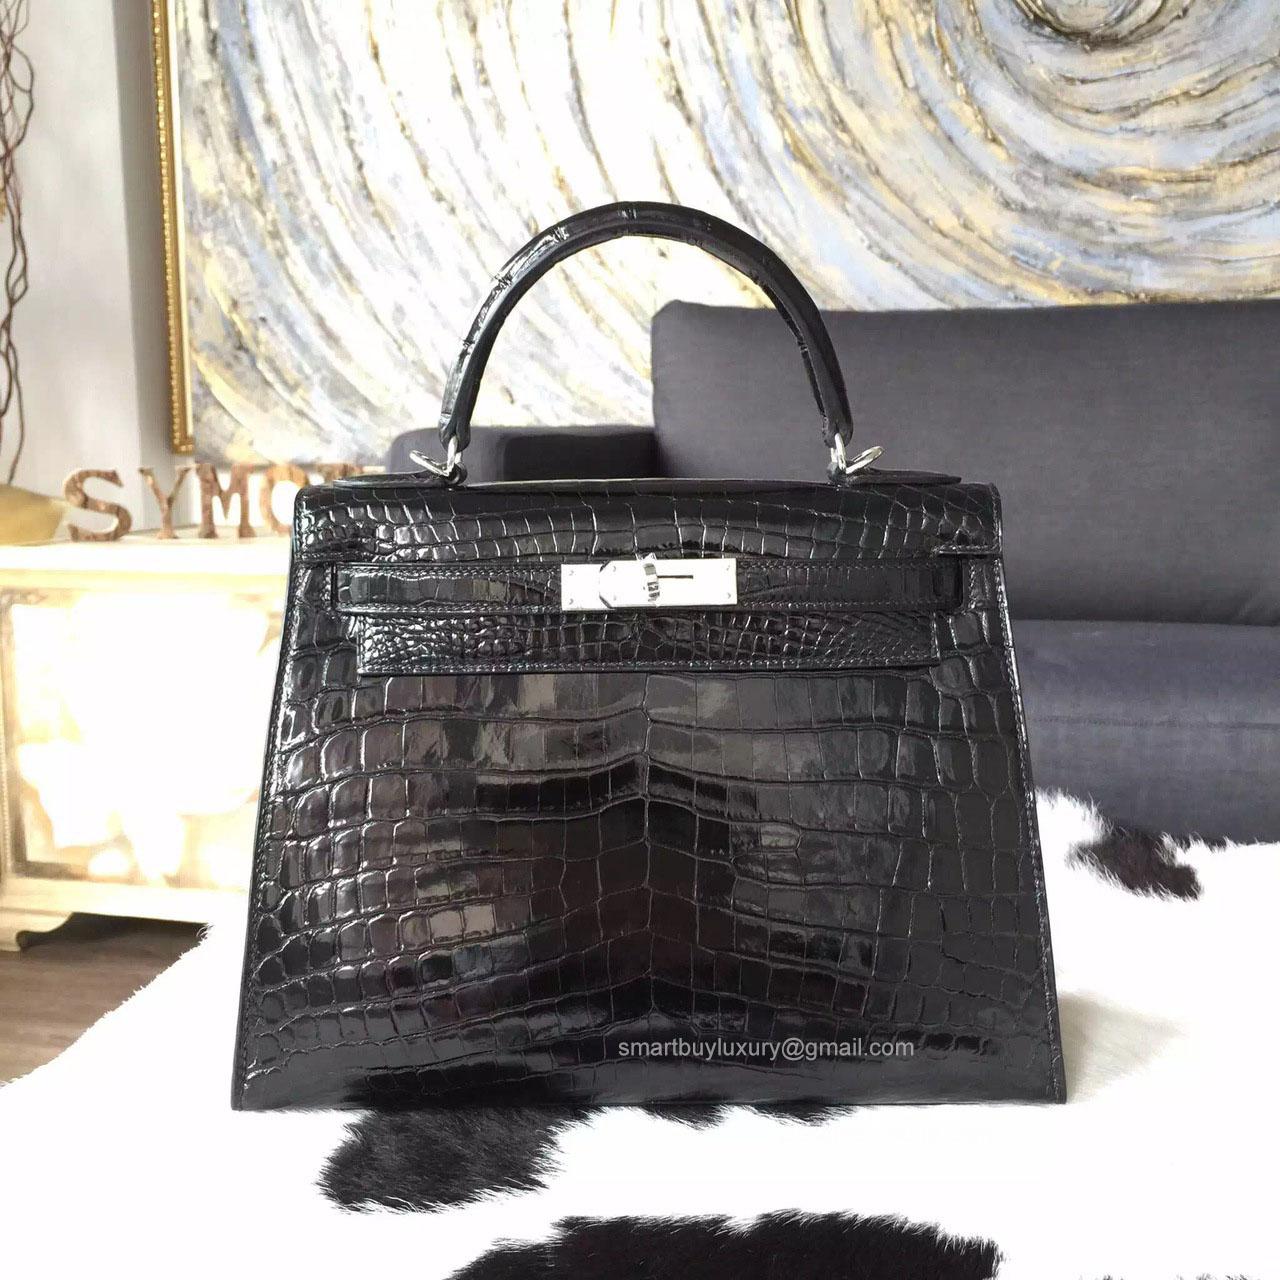 c6f2f8fc6e8b Hermes Kelly 28 Bag Bi-color Black Crocodile Leather Handstitched Silver hw